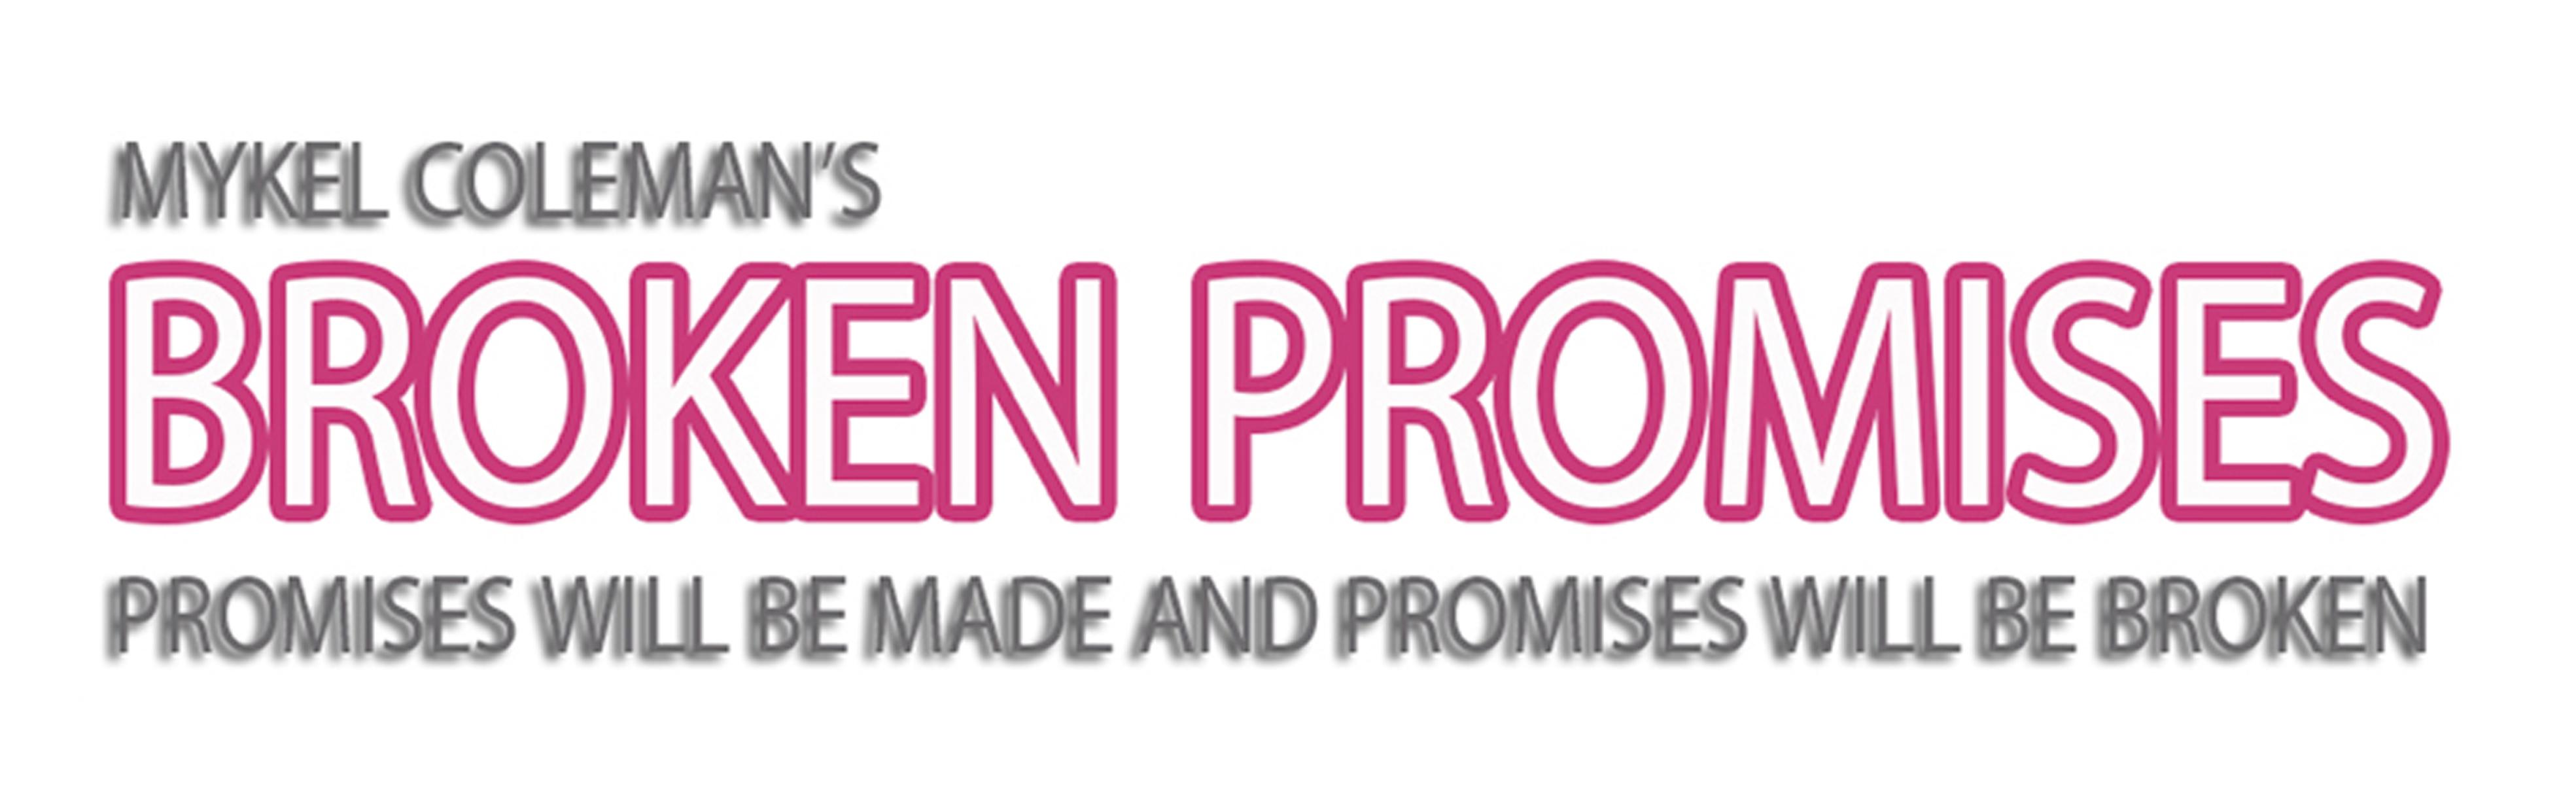 Mykel Coleman's Broken Promises Series Banner